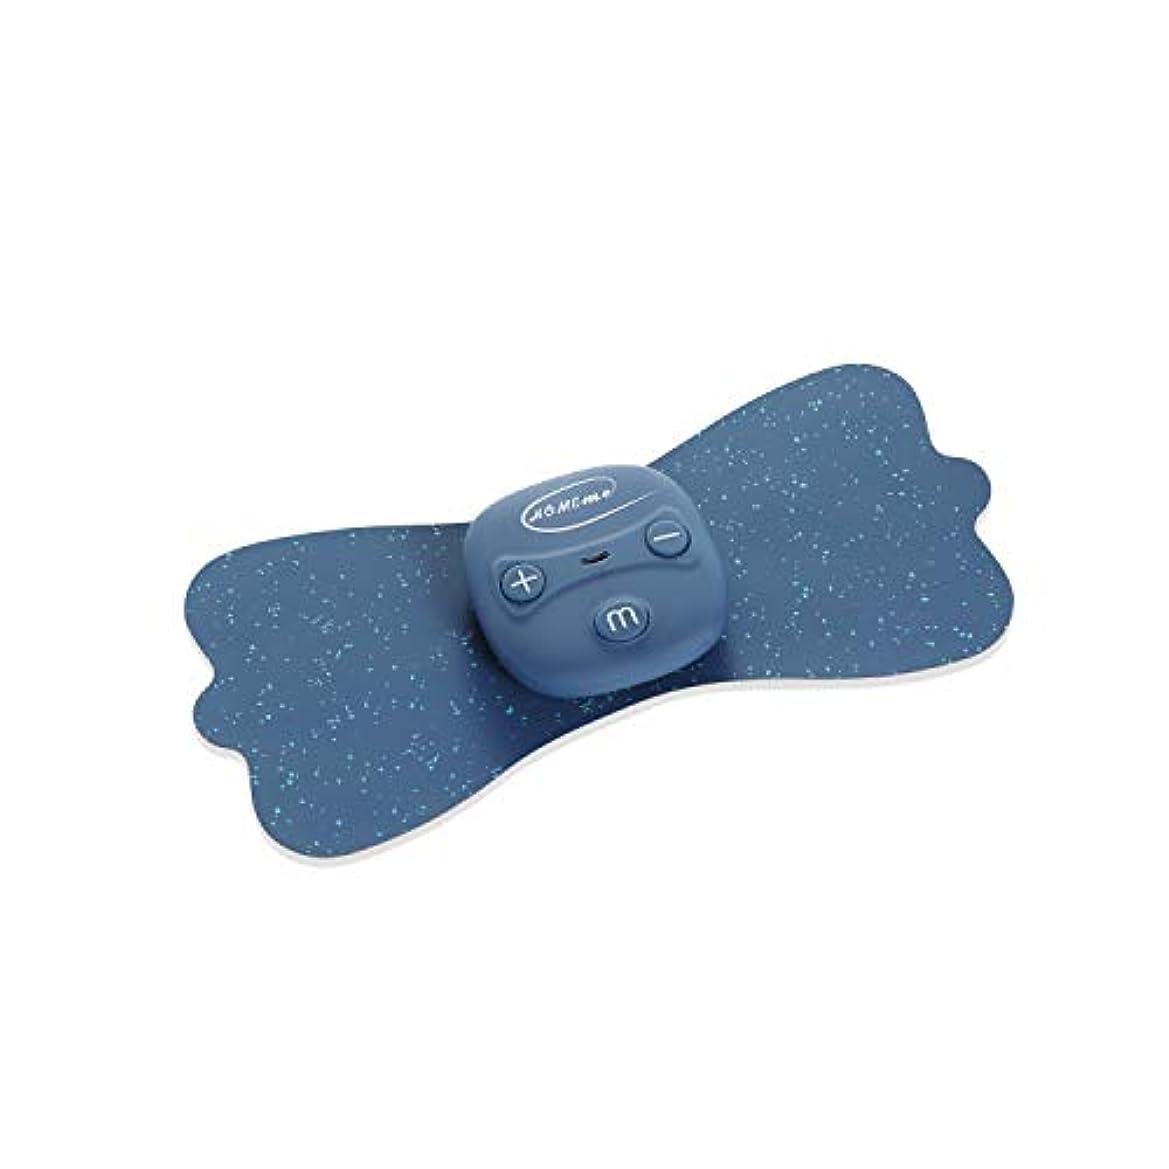 ハーネス不適HOMEME 低周波マッサージパッド 2枚 EMSパッド 15段階調節 6つモード 腰マッサージ usb充電式 筋疲労回復 一年保証 首/肩/腰/背中/手/足向け